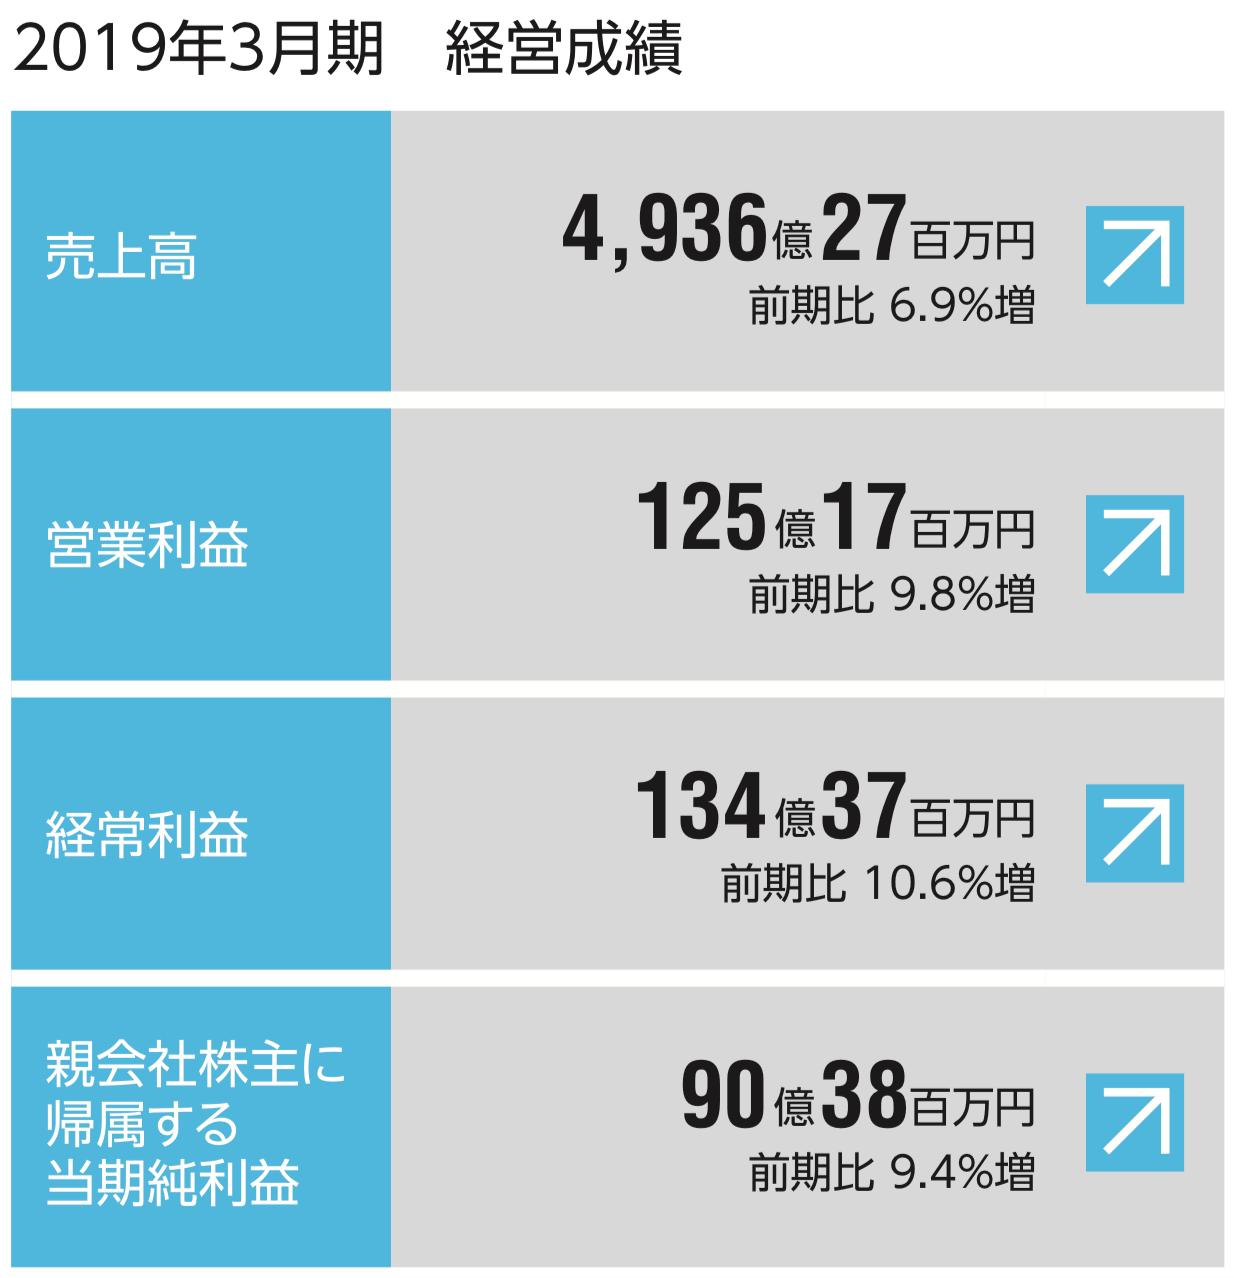 ユアサ商事株式会社 2019年3月期 経営成績